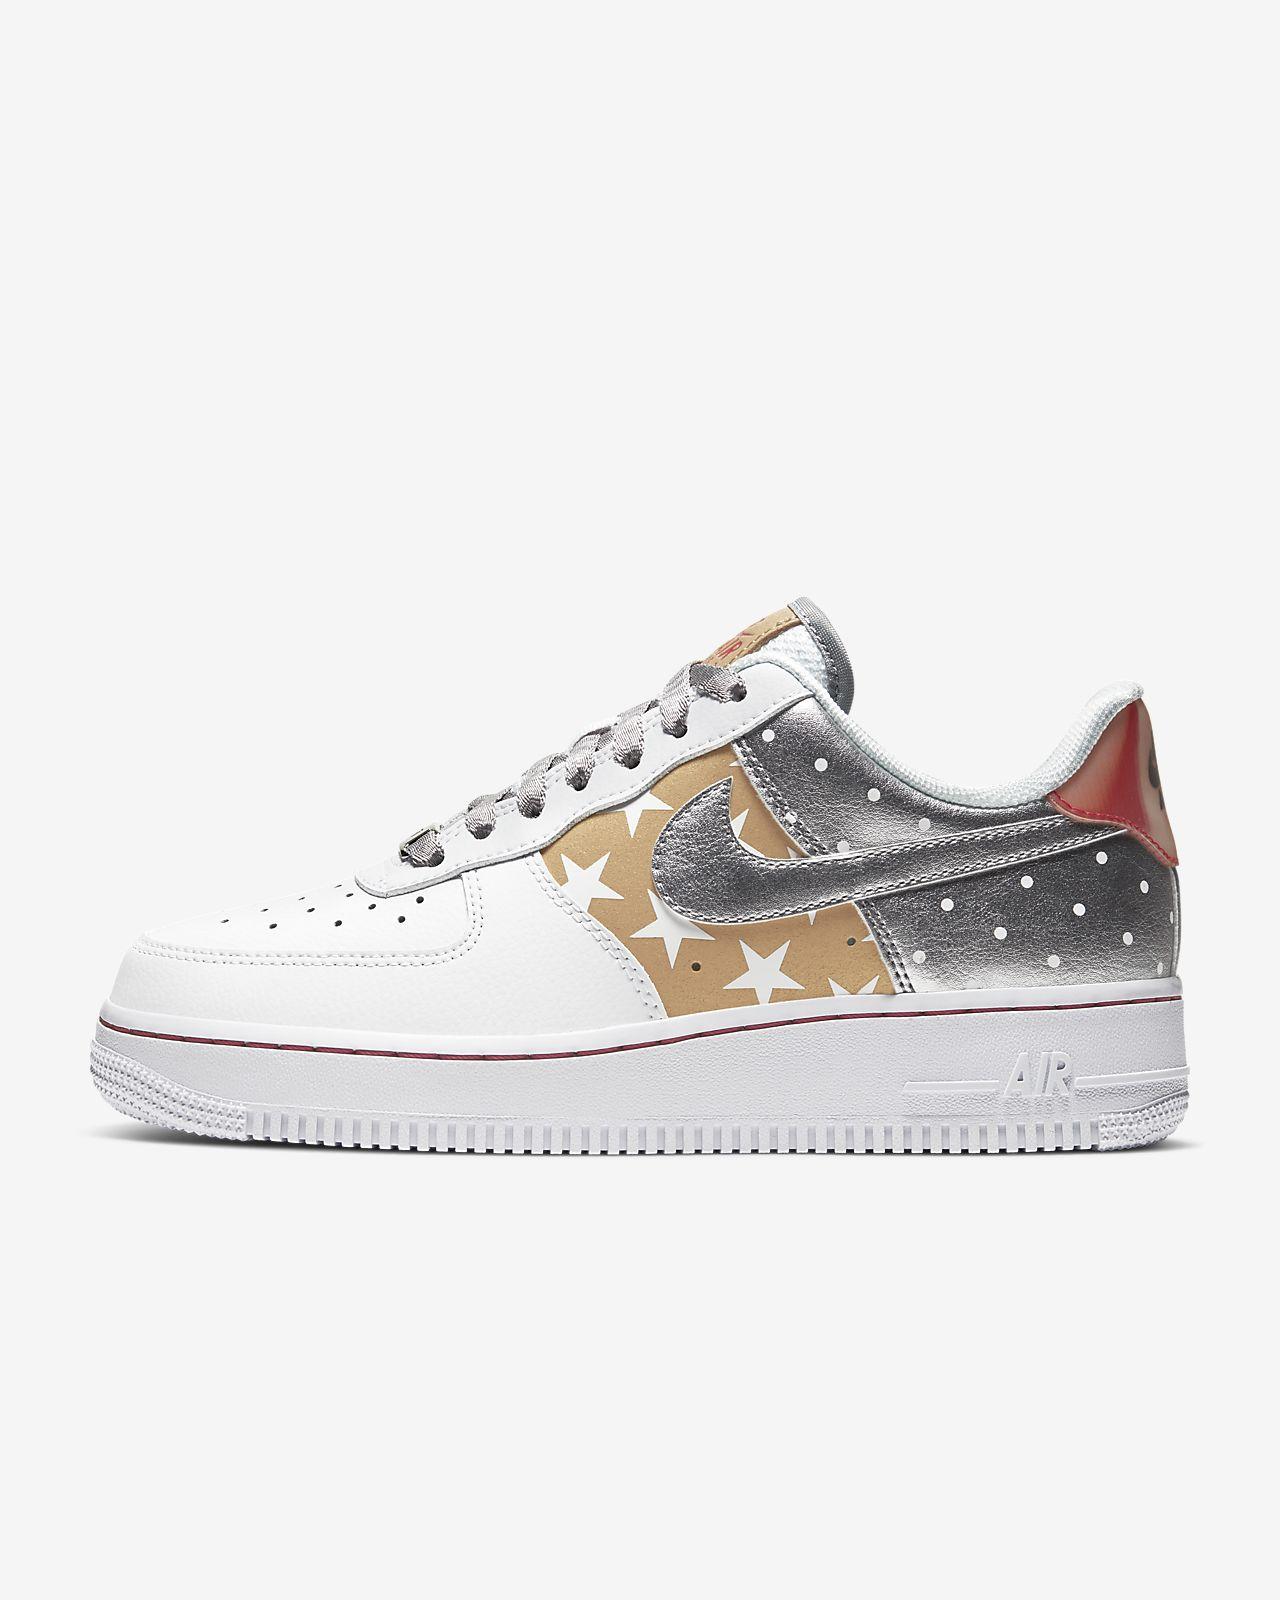 Παπούτσι Nike Air Force 1 '07